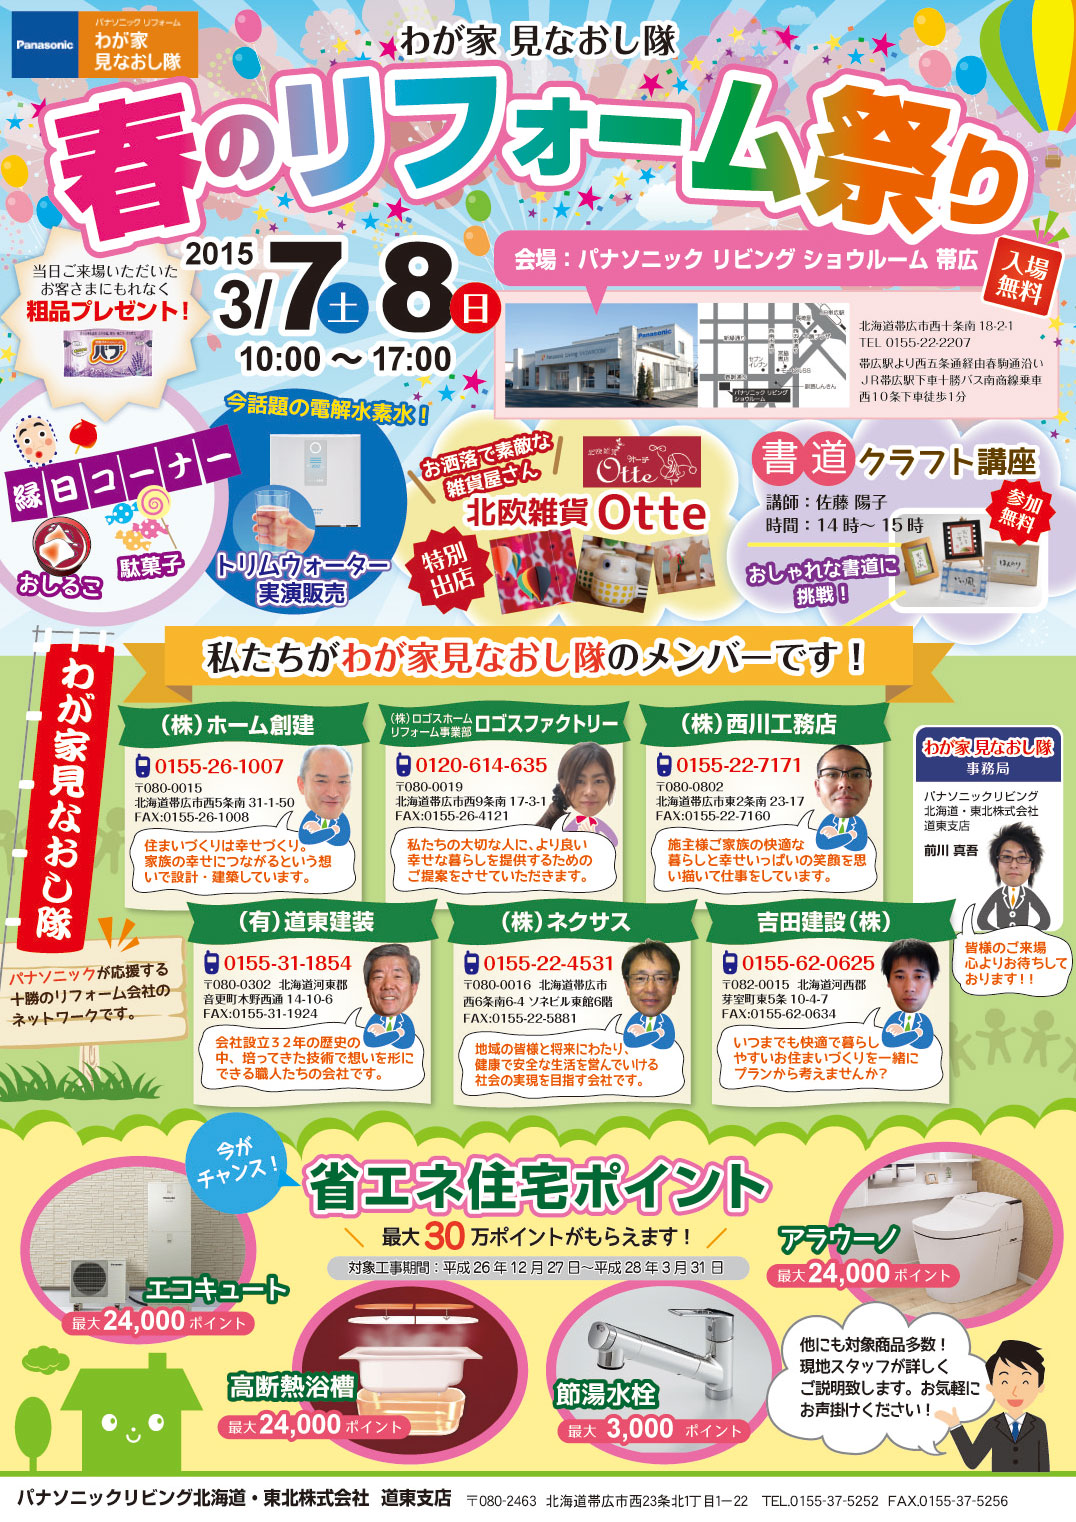 見なおし隊広告(15